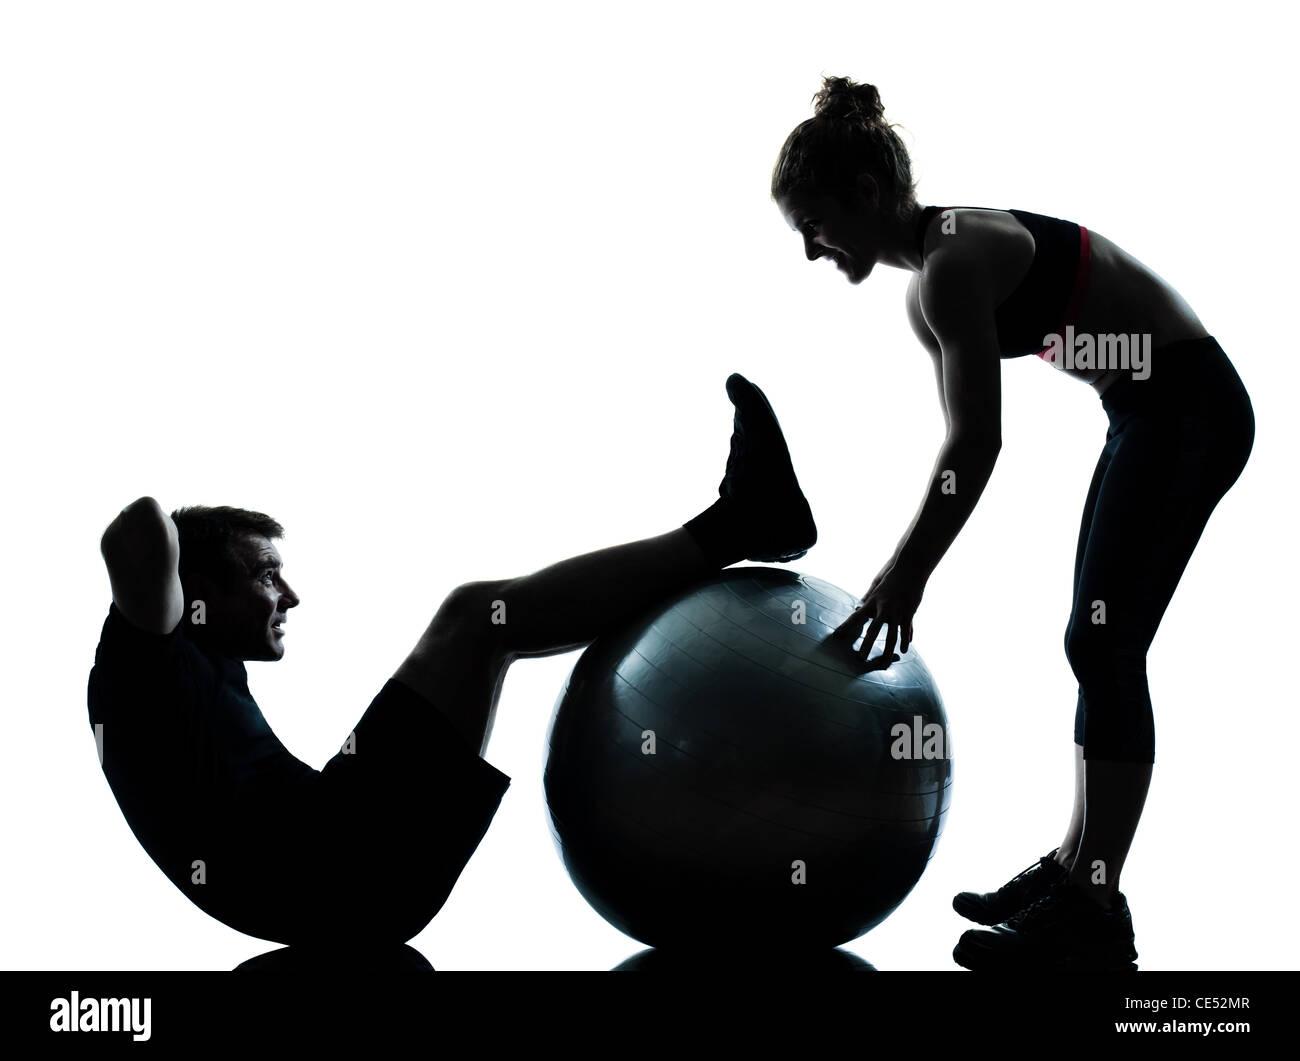 Una pareja hombre mujer el ejercicio de entrenamiento de gimnasia aeróbica  la postura de longitud completa 4416e138977f